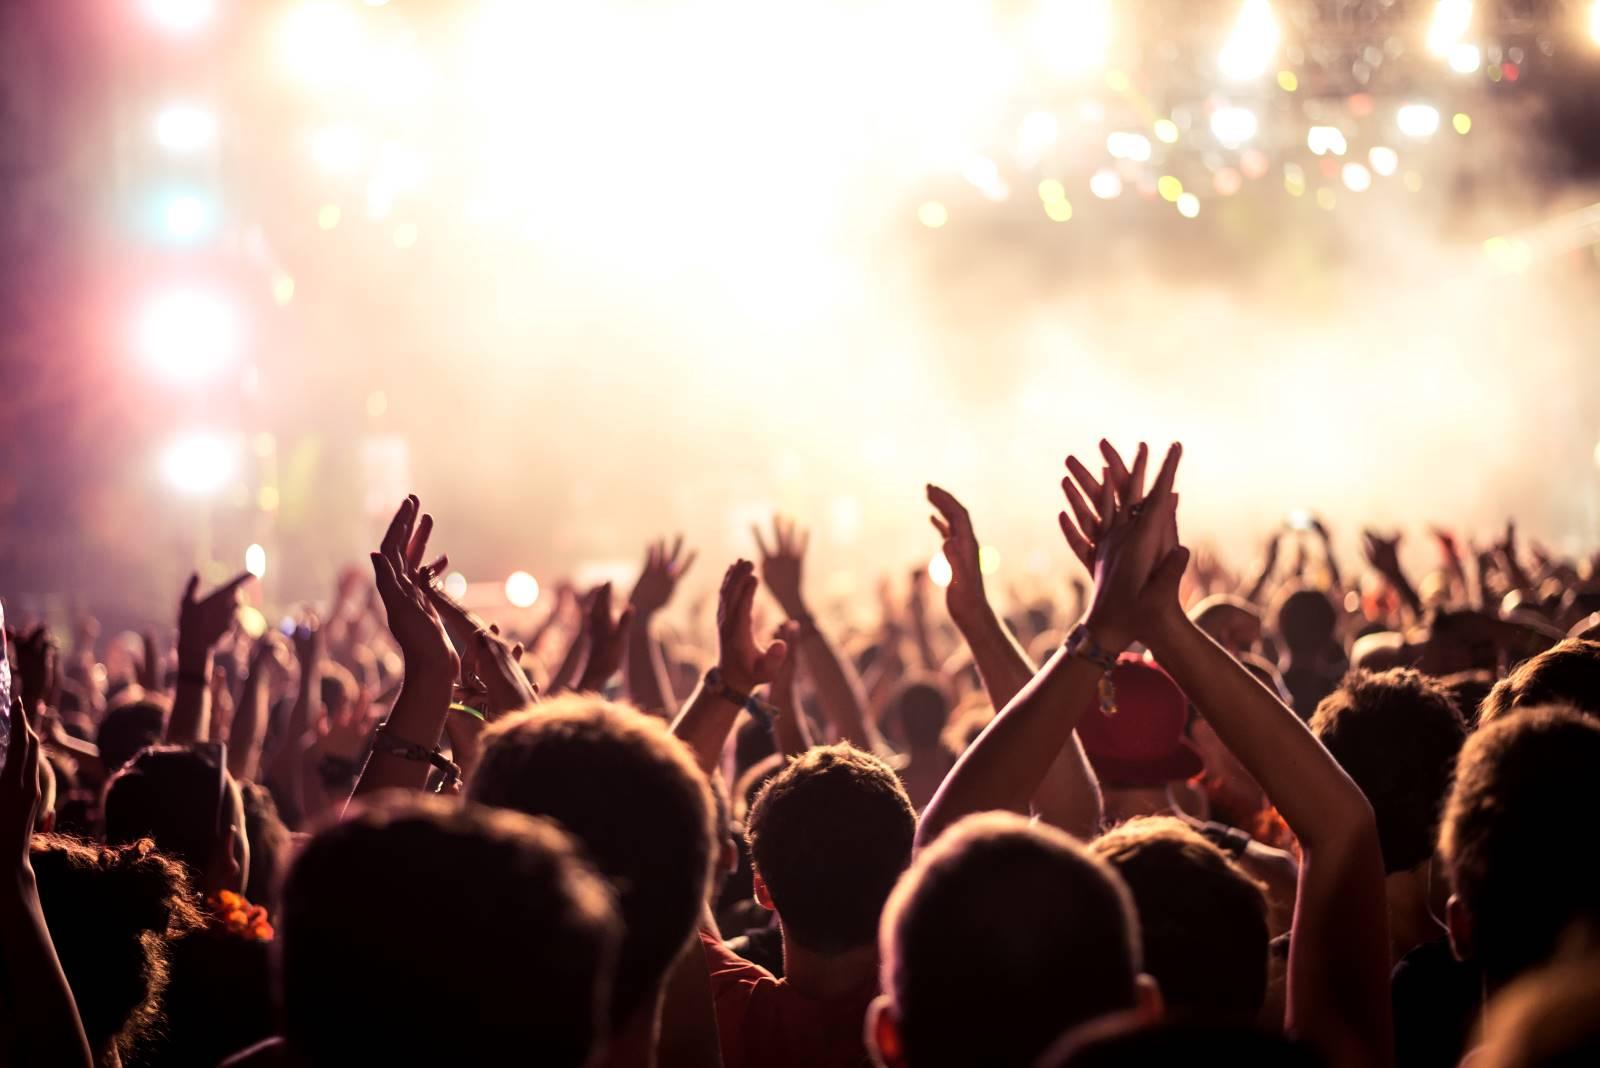 Über die Köpfe der Zuschauer beim Konzert